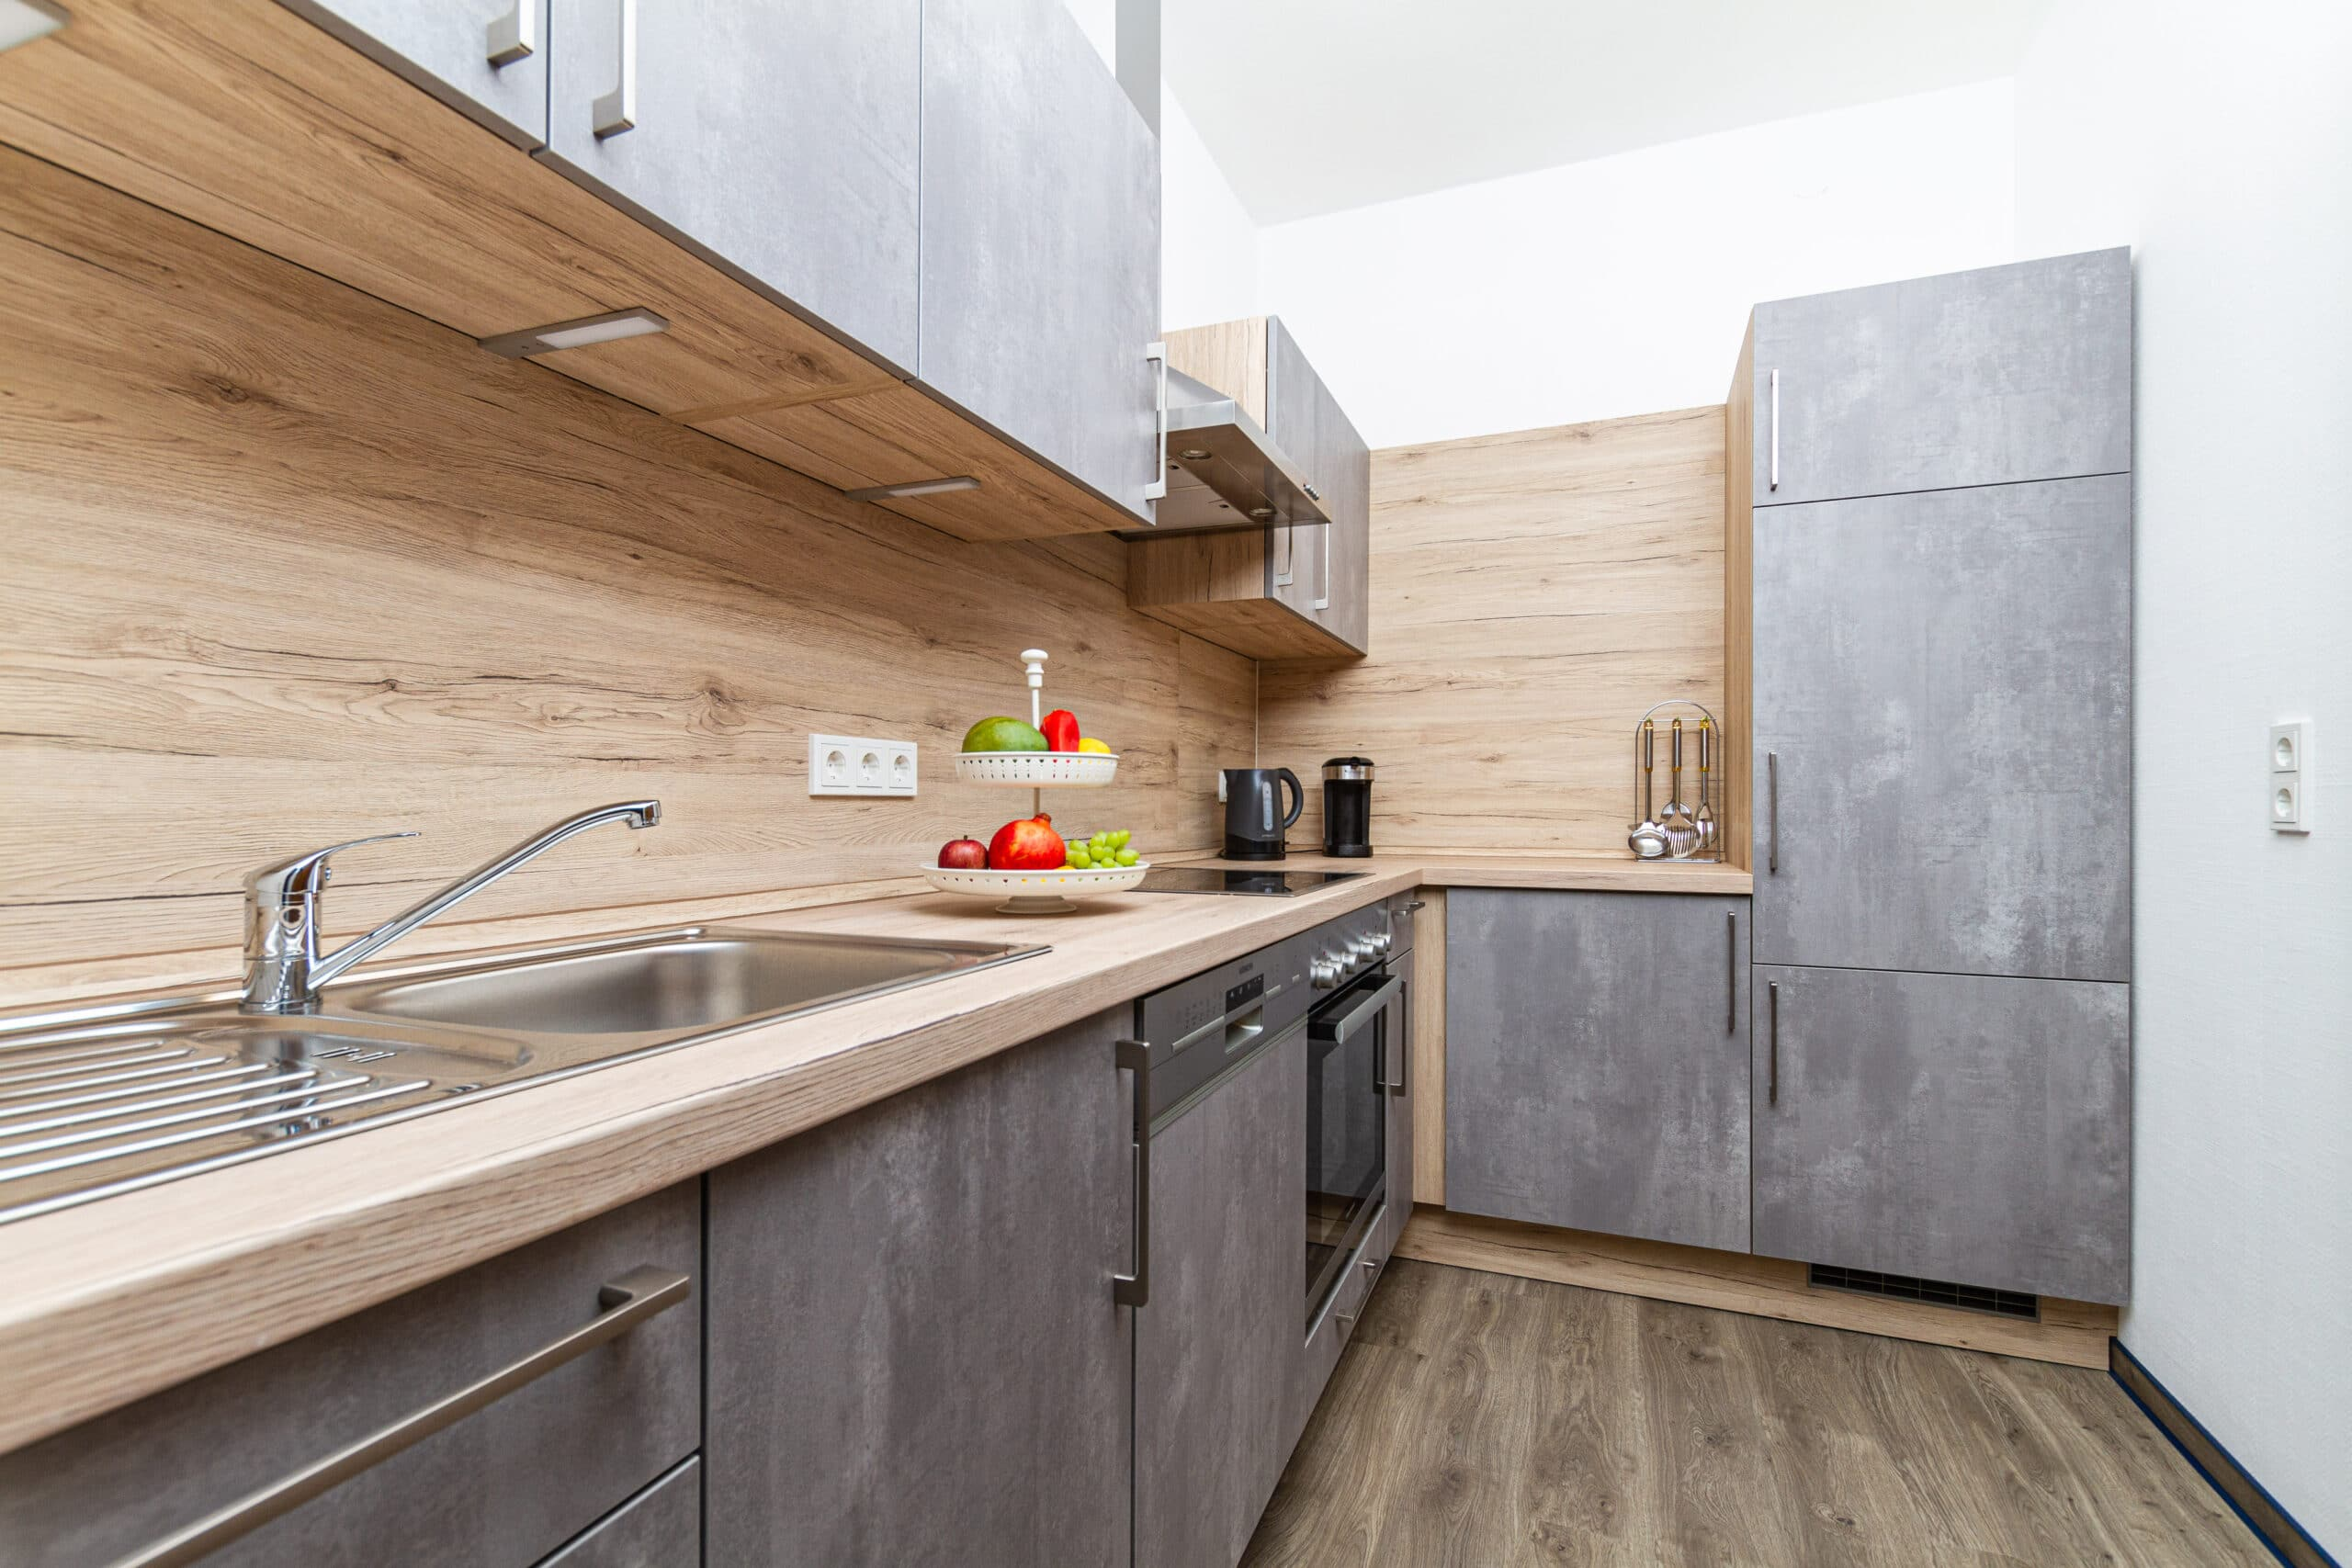 Moderne Küche mit ausreichend Kapazität auch für längere Aufenthalte.